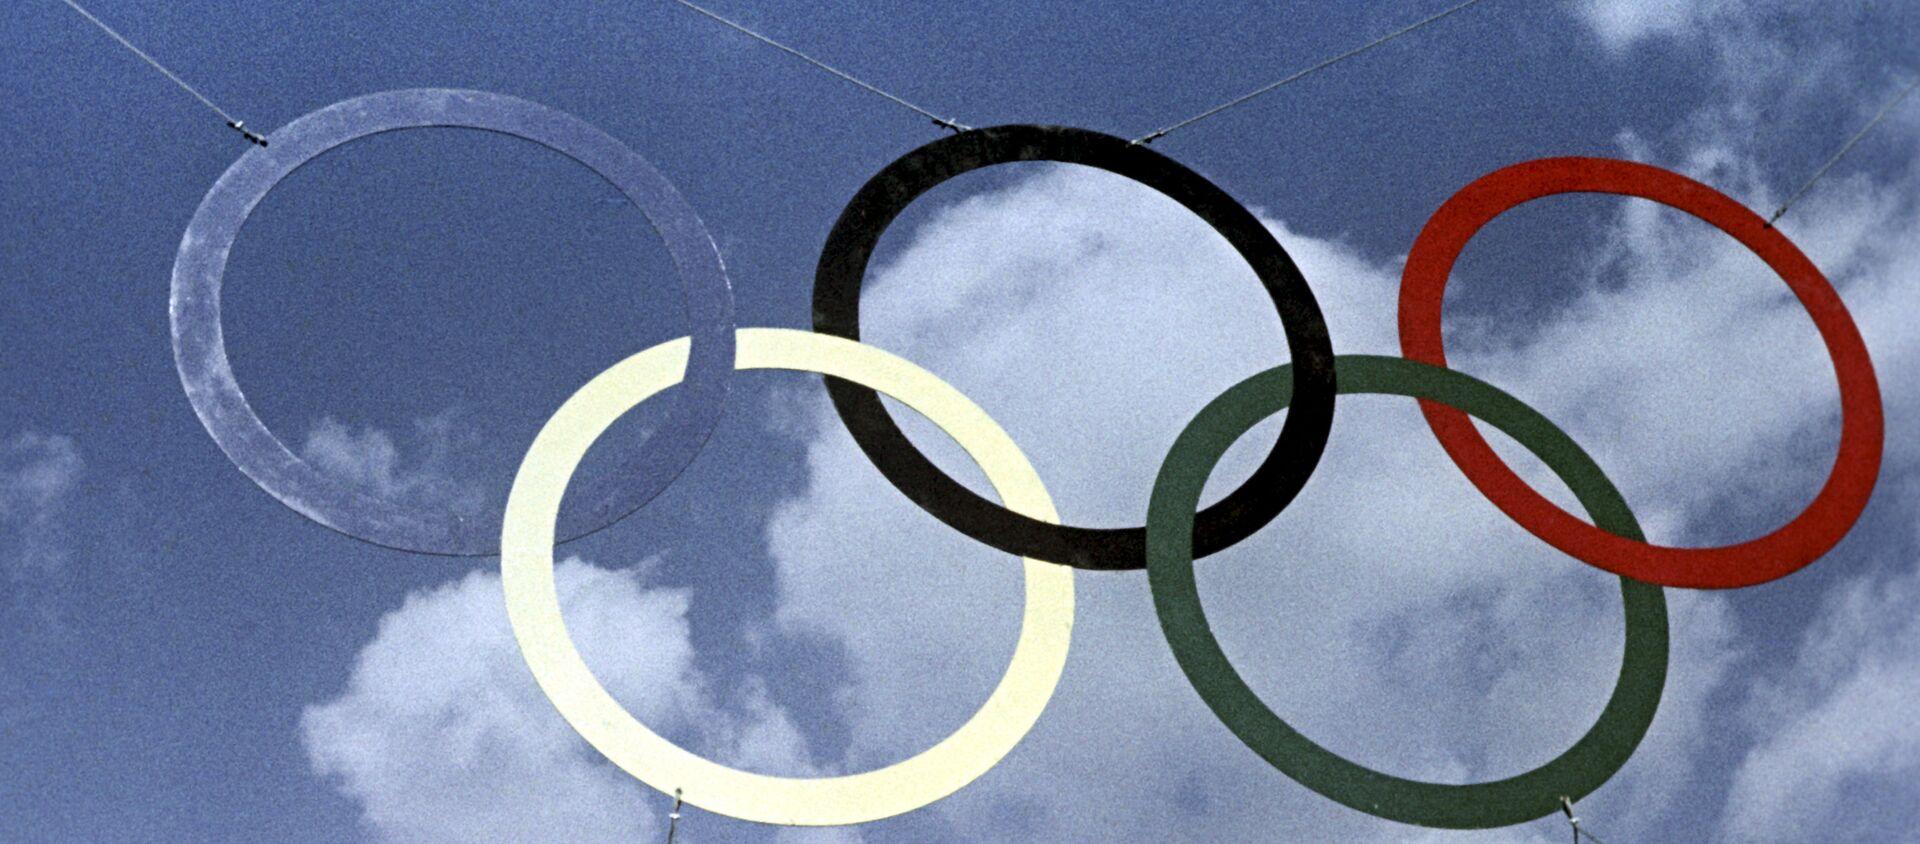 東京五輪、開催に確信=米五輪委員会 - Sputnik 日本, 1920, 11.03.2021